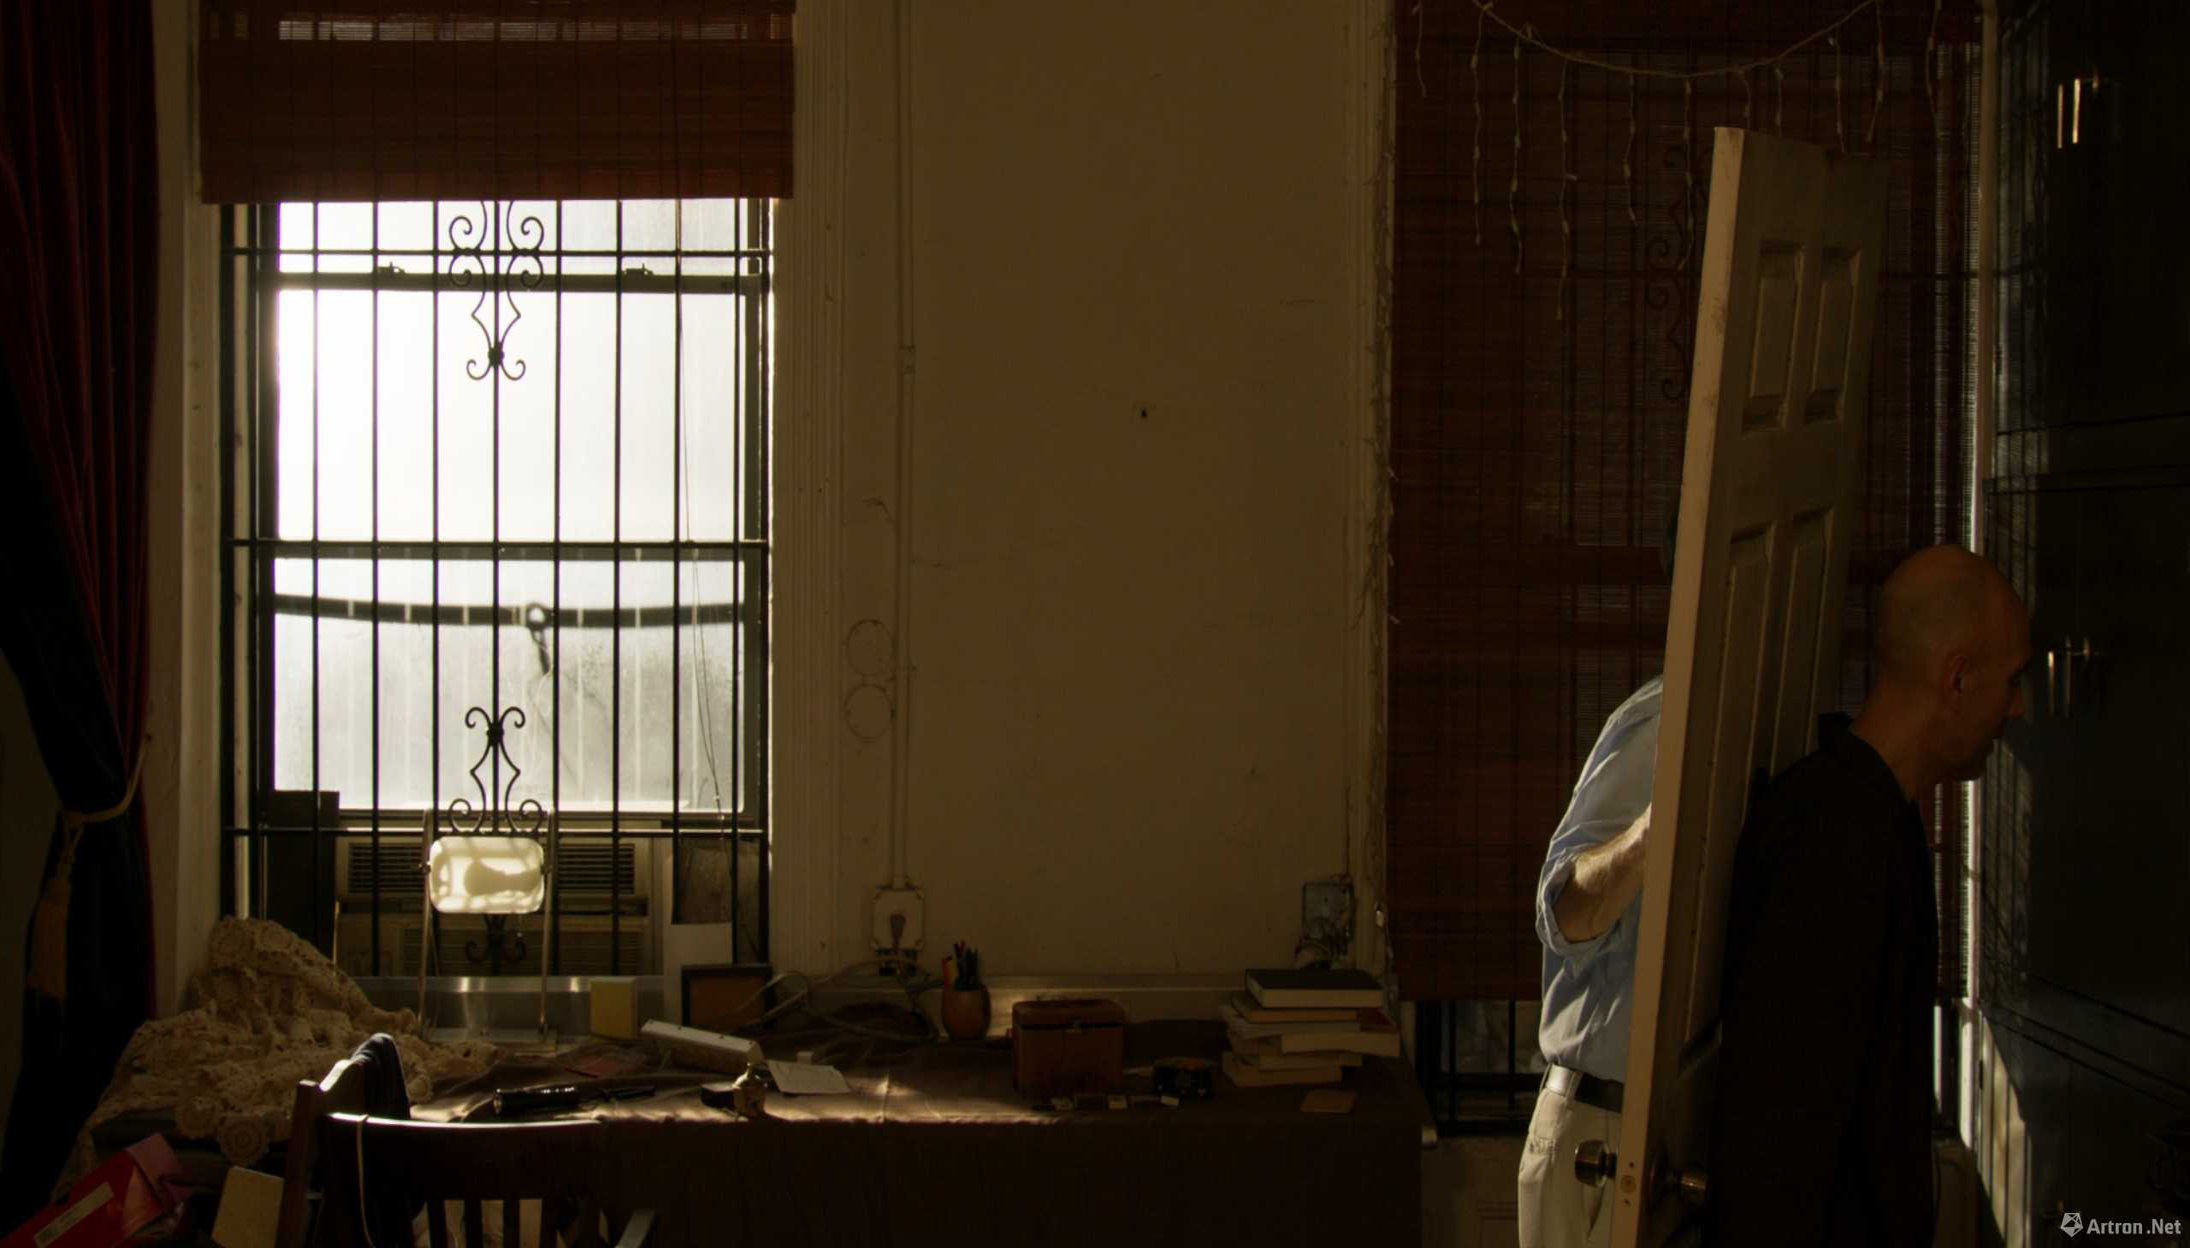 《门》荣获2019洛杉矶国际电影节独立短片节最佳实验短片奖